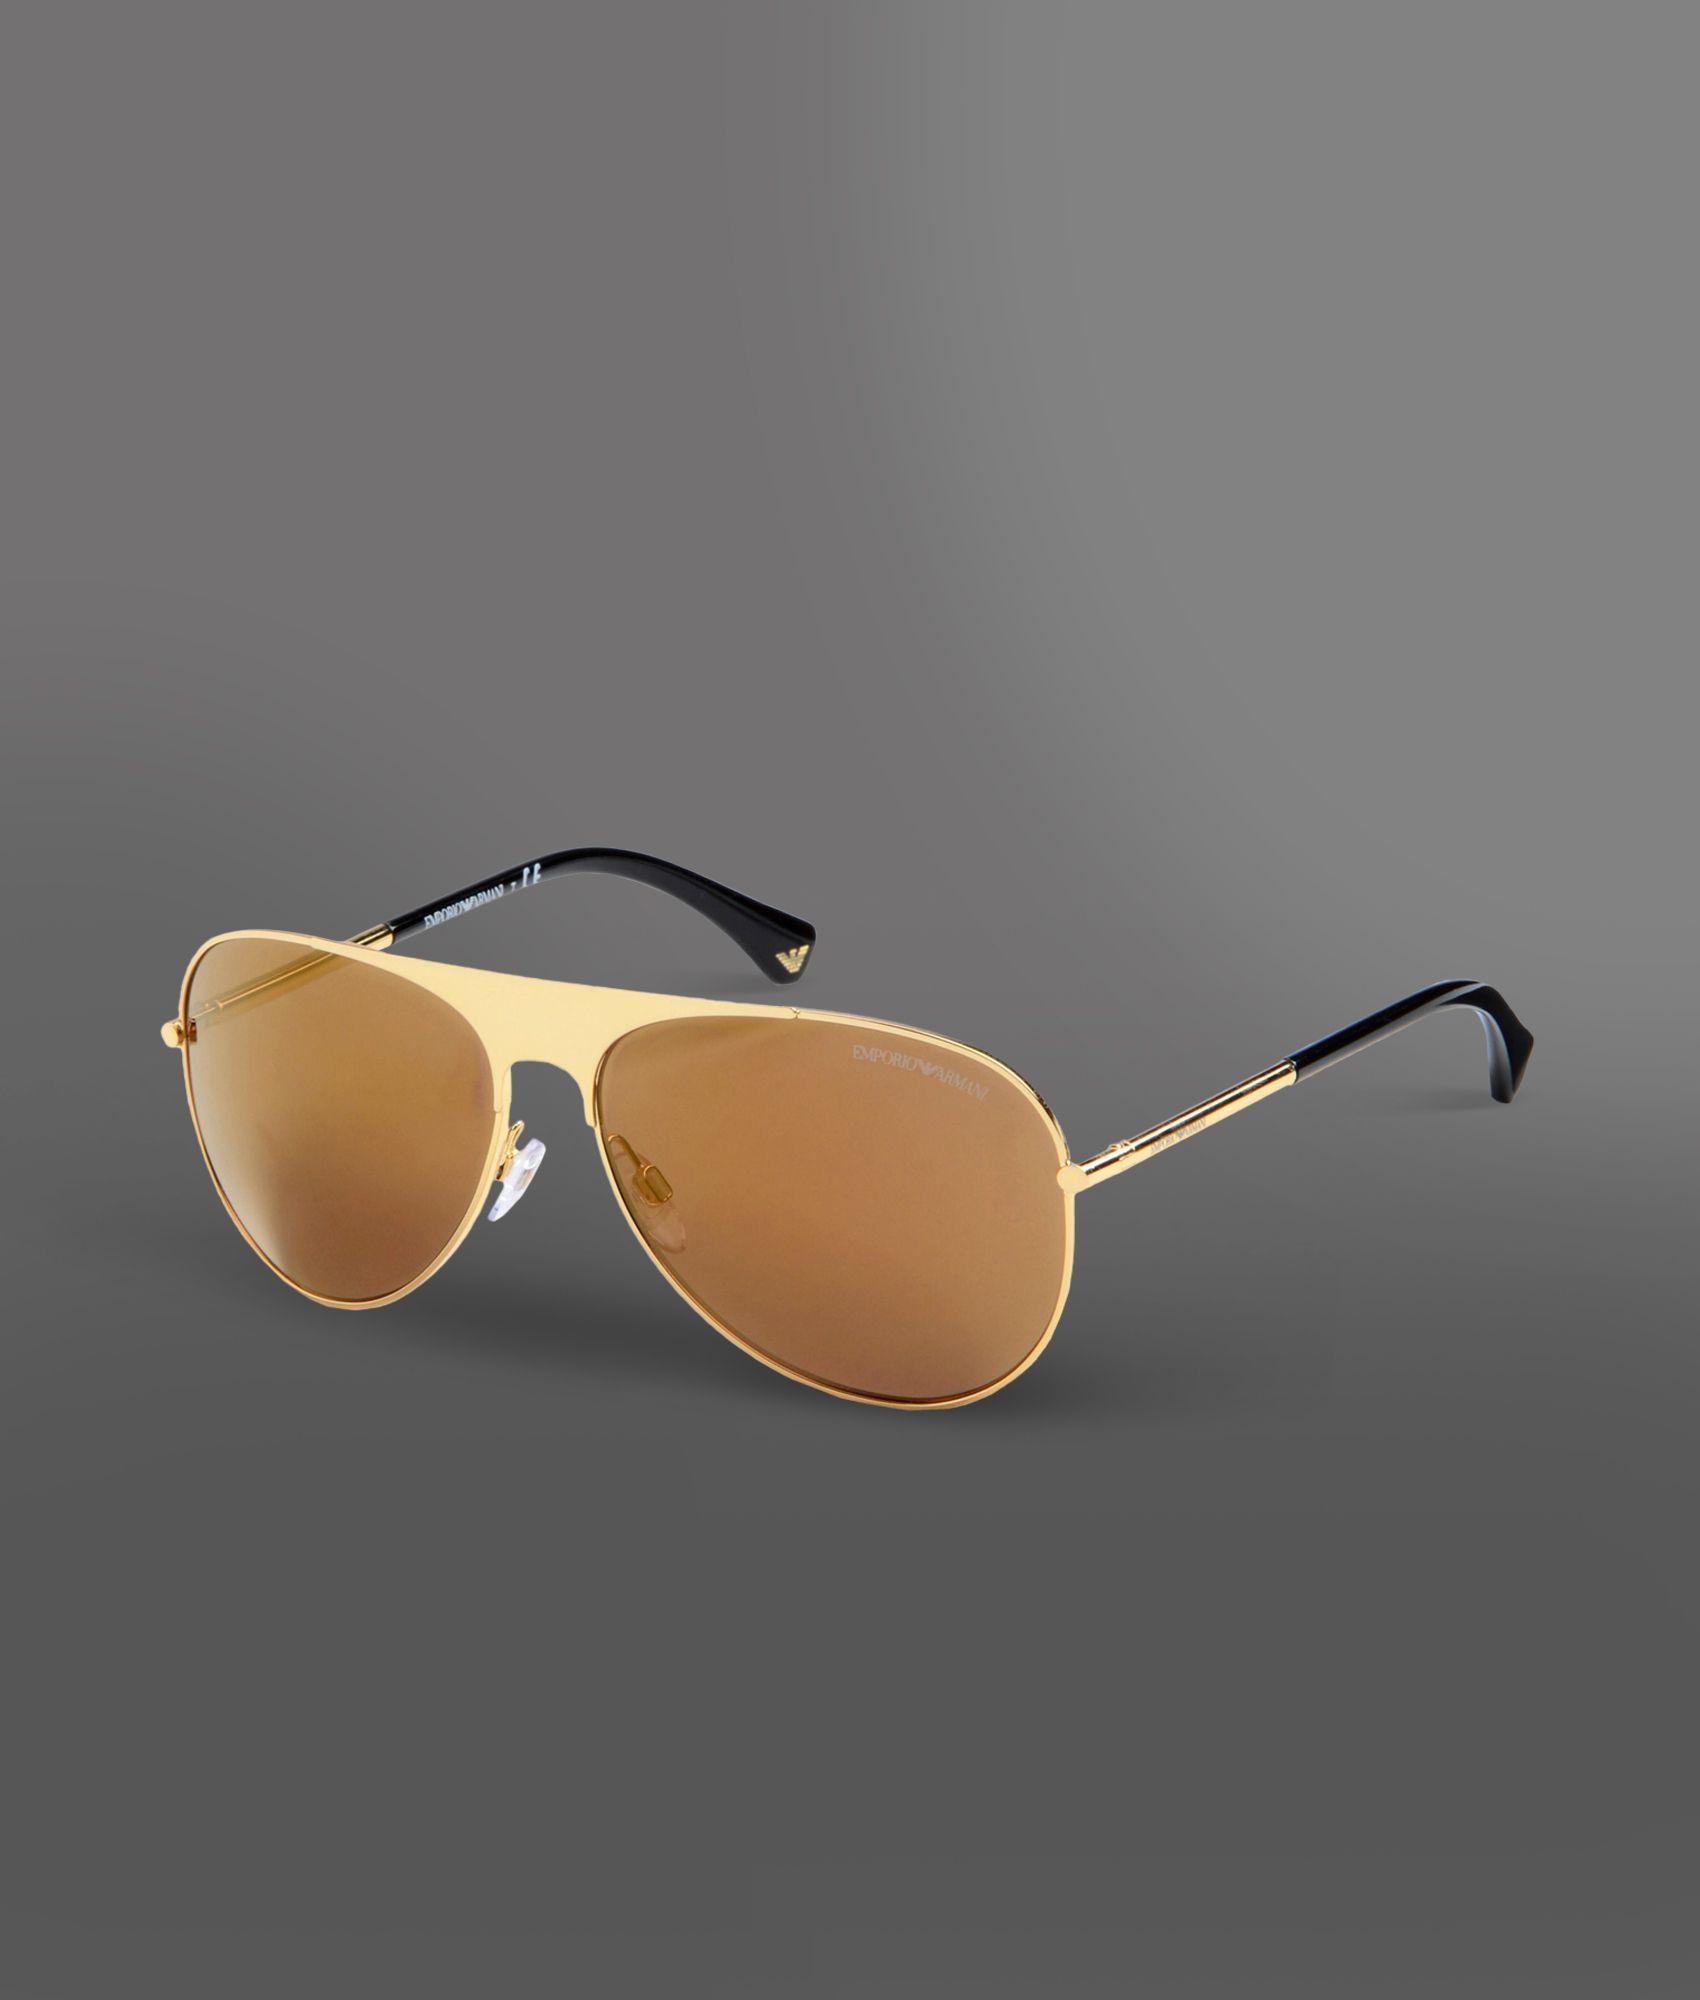 95971ed58d51 ... sunglasses 2013